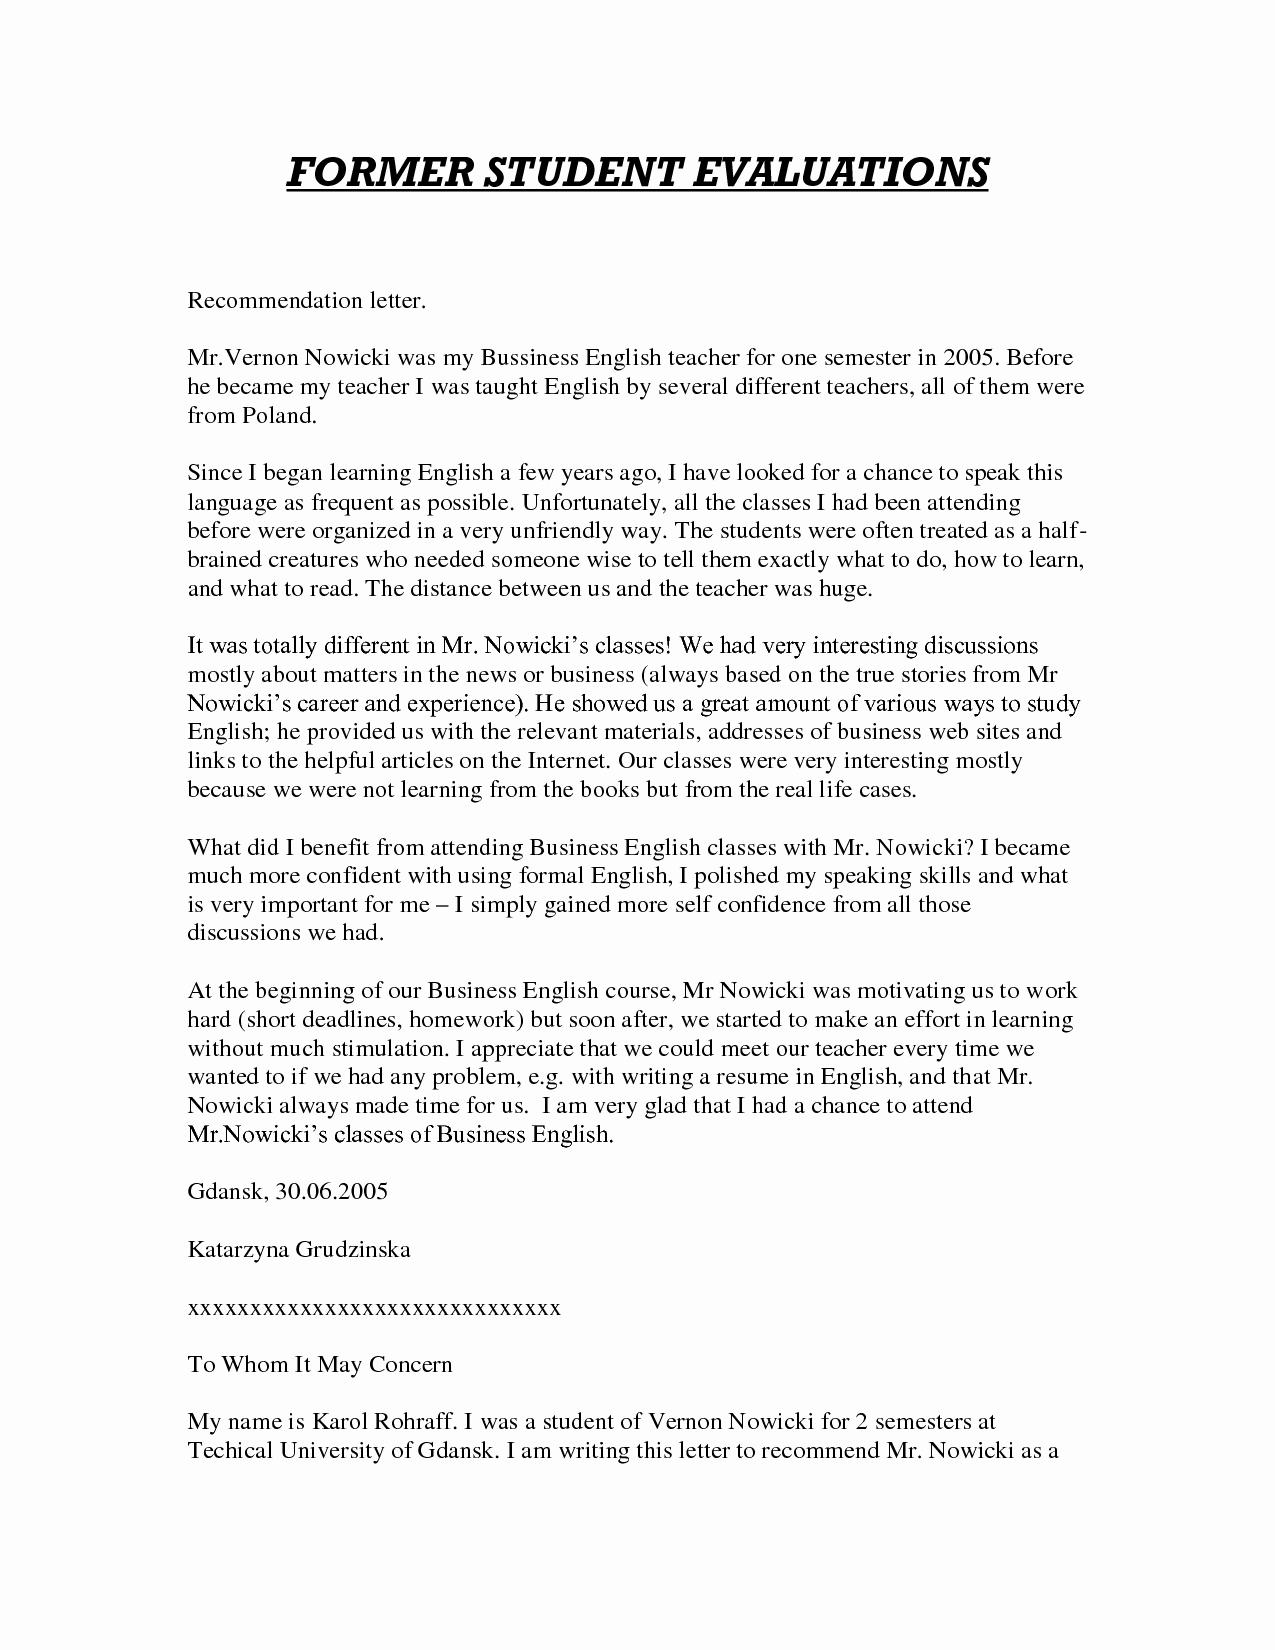 Teacher Letter Of Recommendation Sample Unique Sample Letter Of Re Mendation for Teacher